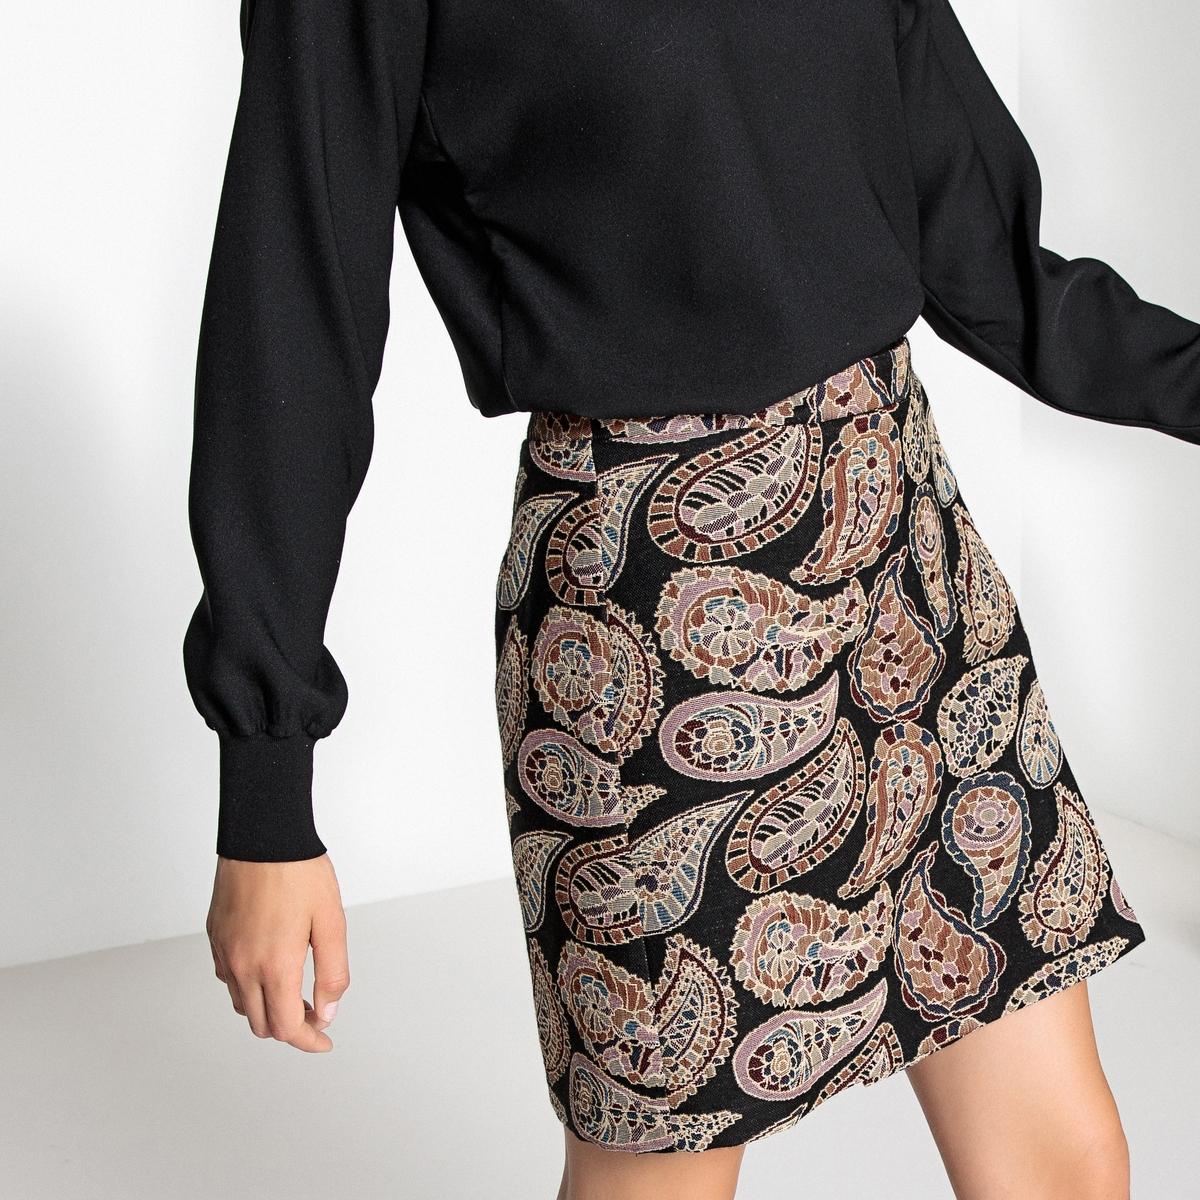 Юбка с запахом из жаккардовой ткани ostin юбка из жаккардовой ткани